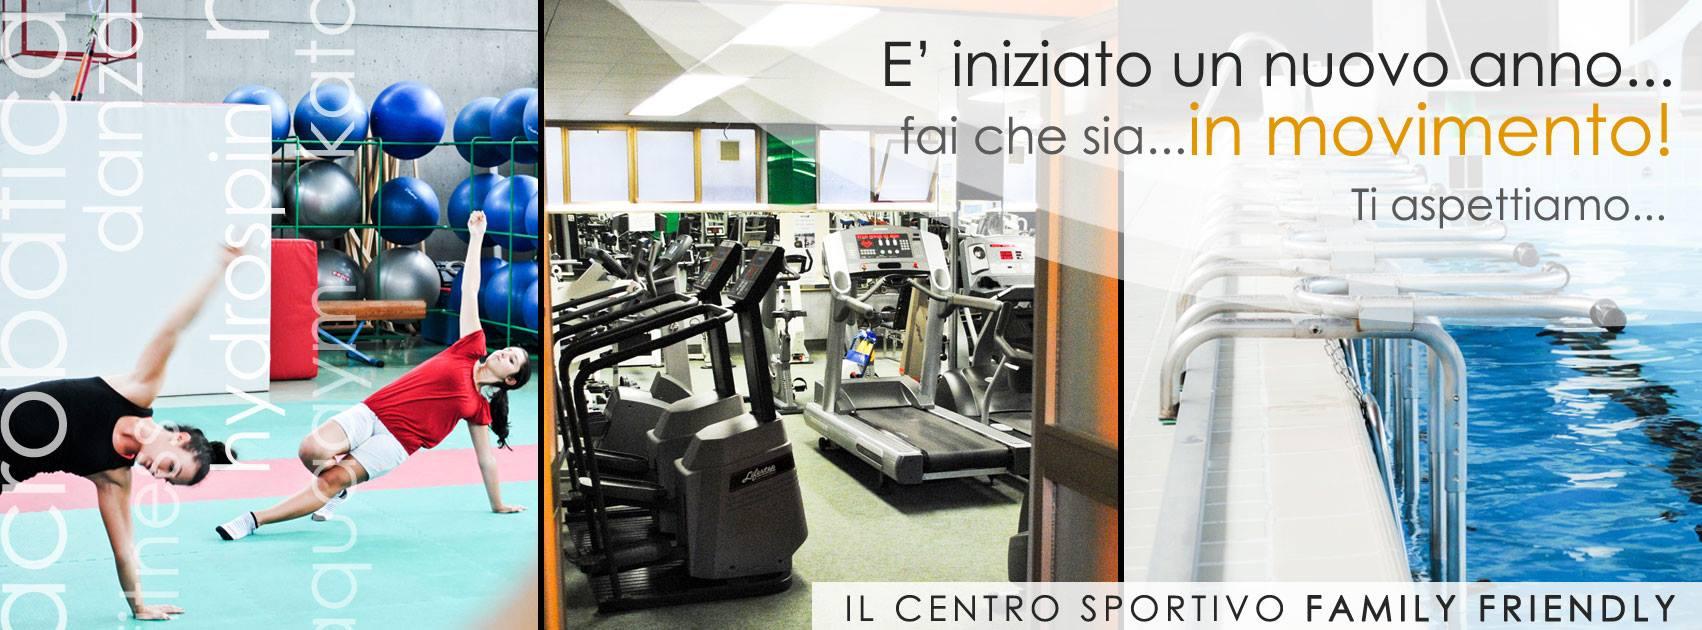 Seguici sulla nostra pagina ufficiale. https://www.facebook.com/csmerone/ E' iniziato un nuovo anno... fai che sia.. in movimento! Ti aspettiamo. CSM1973 Il centro sportivo family friendly www.csm1973.it Centro Sportivo Merone Via Paolo VI 22046 Merone CO Telefono: 031 650305 #kataklo #centro #sportivo #merone #centrosportivo #csm1973 #piscina #piscine #palestra #palestre #fitness #Merone #Erba #Lecco #Como